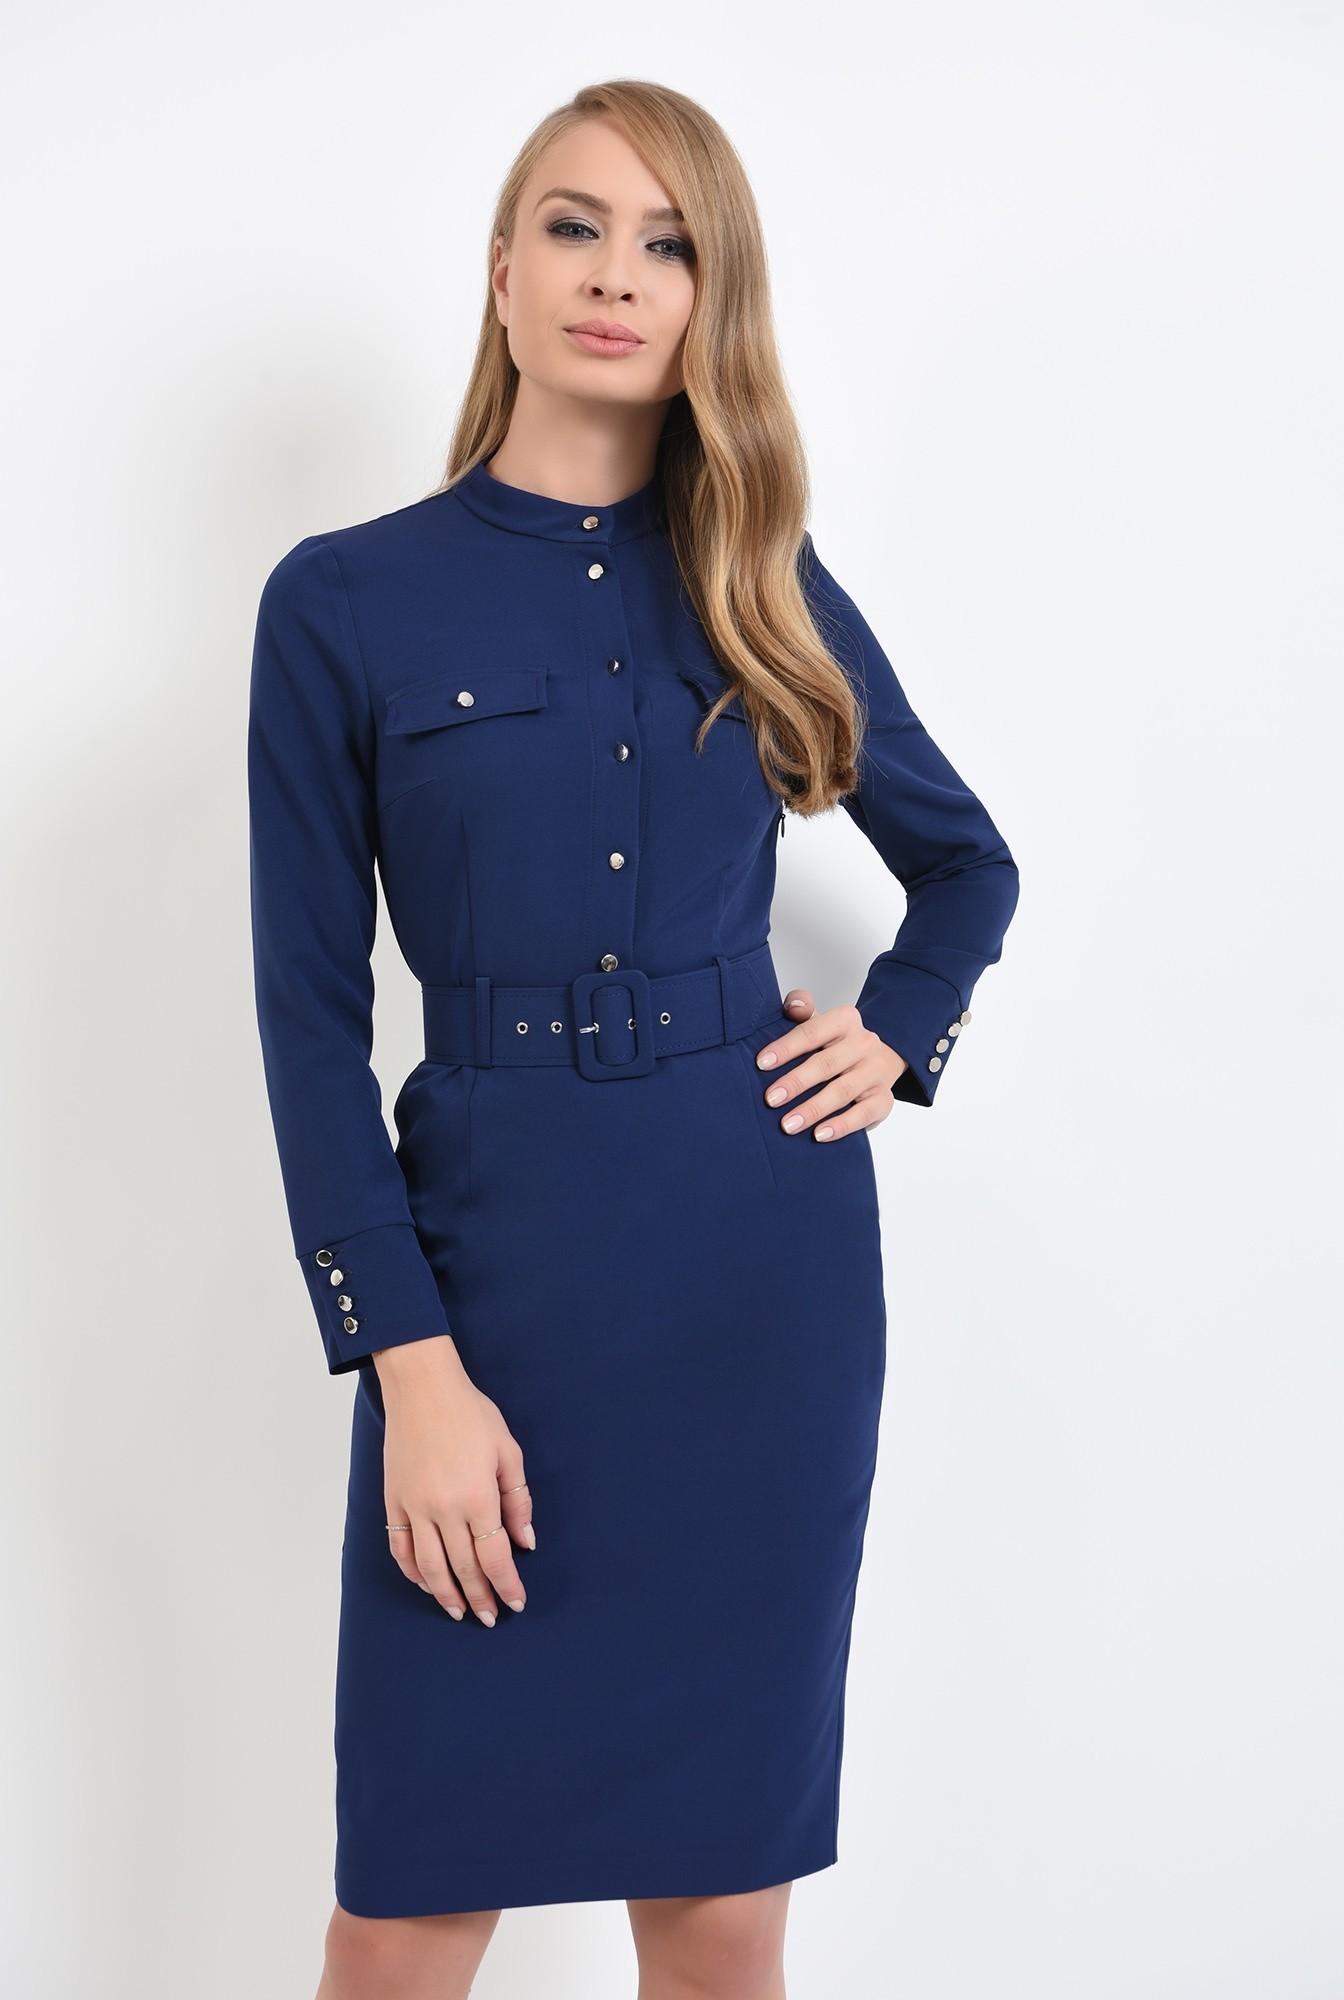 0 - rochie mici, conica, navy, cu buzunare decorative